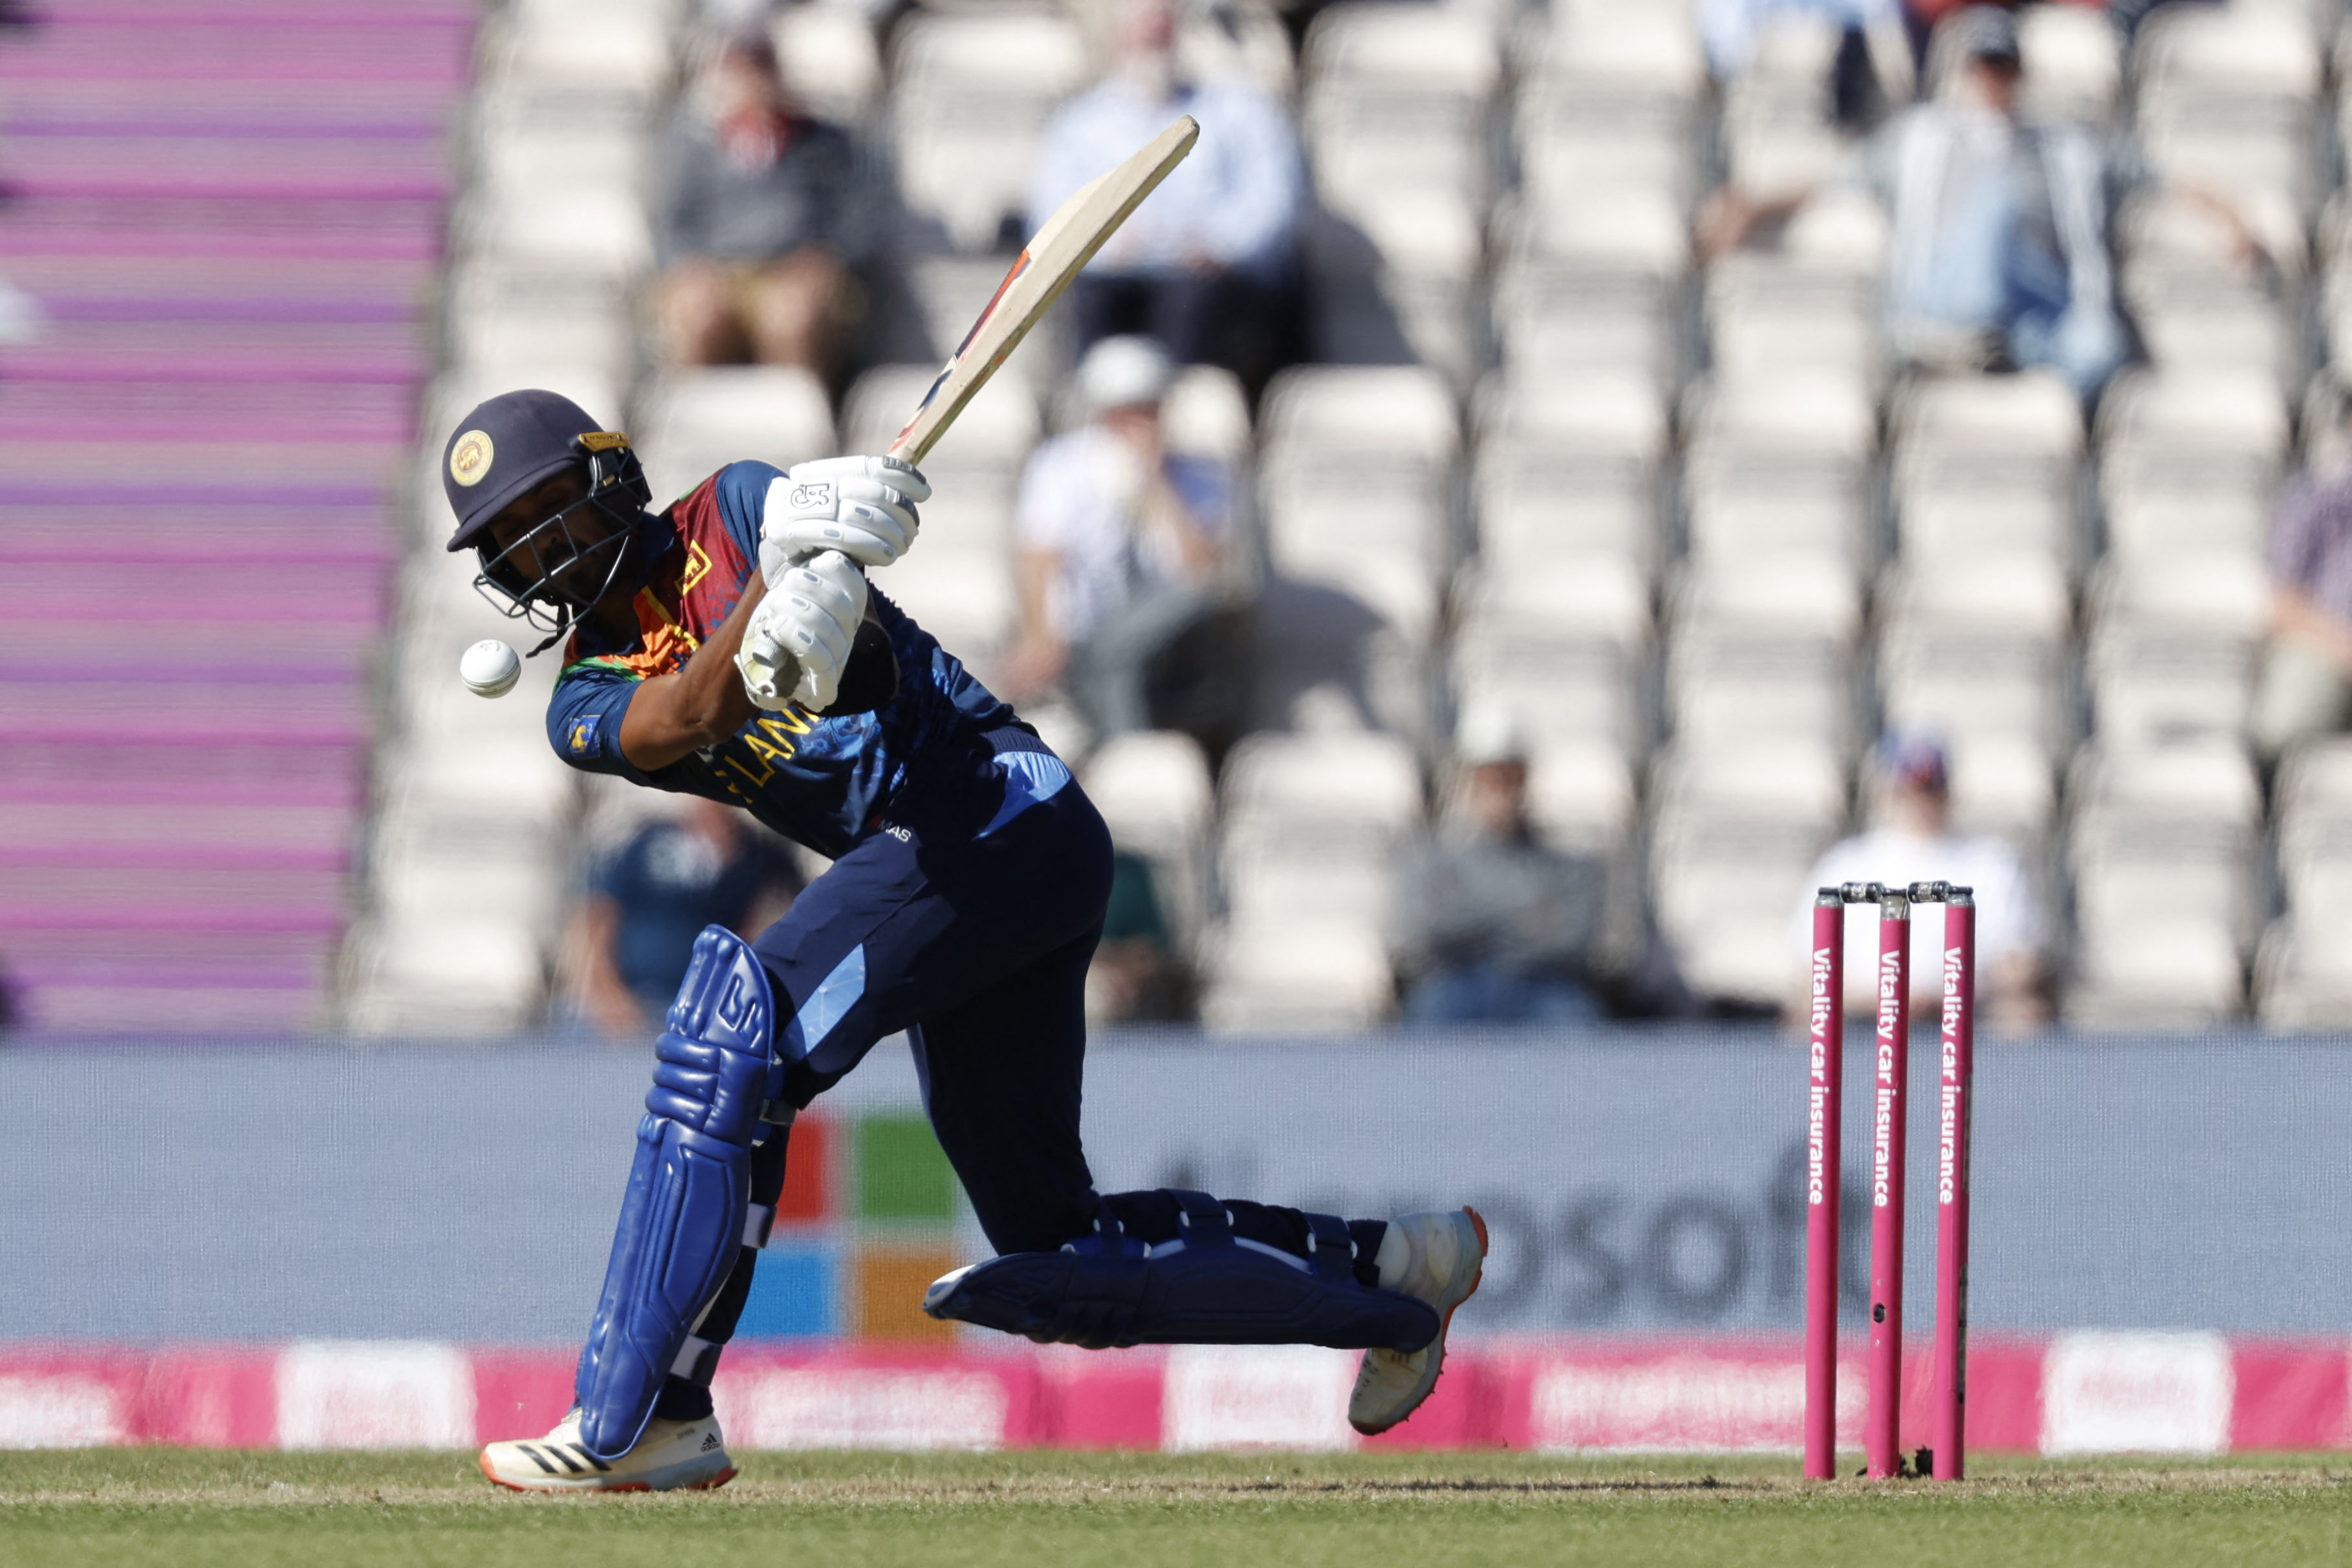 IND vs SL 3rd ODI: आखिरी वनडे में श्रीलंका 3 विकेट से जीता, भारत का सीरीज पर 2-1 से कब्जा